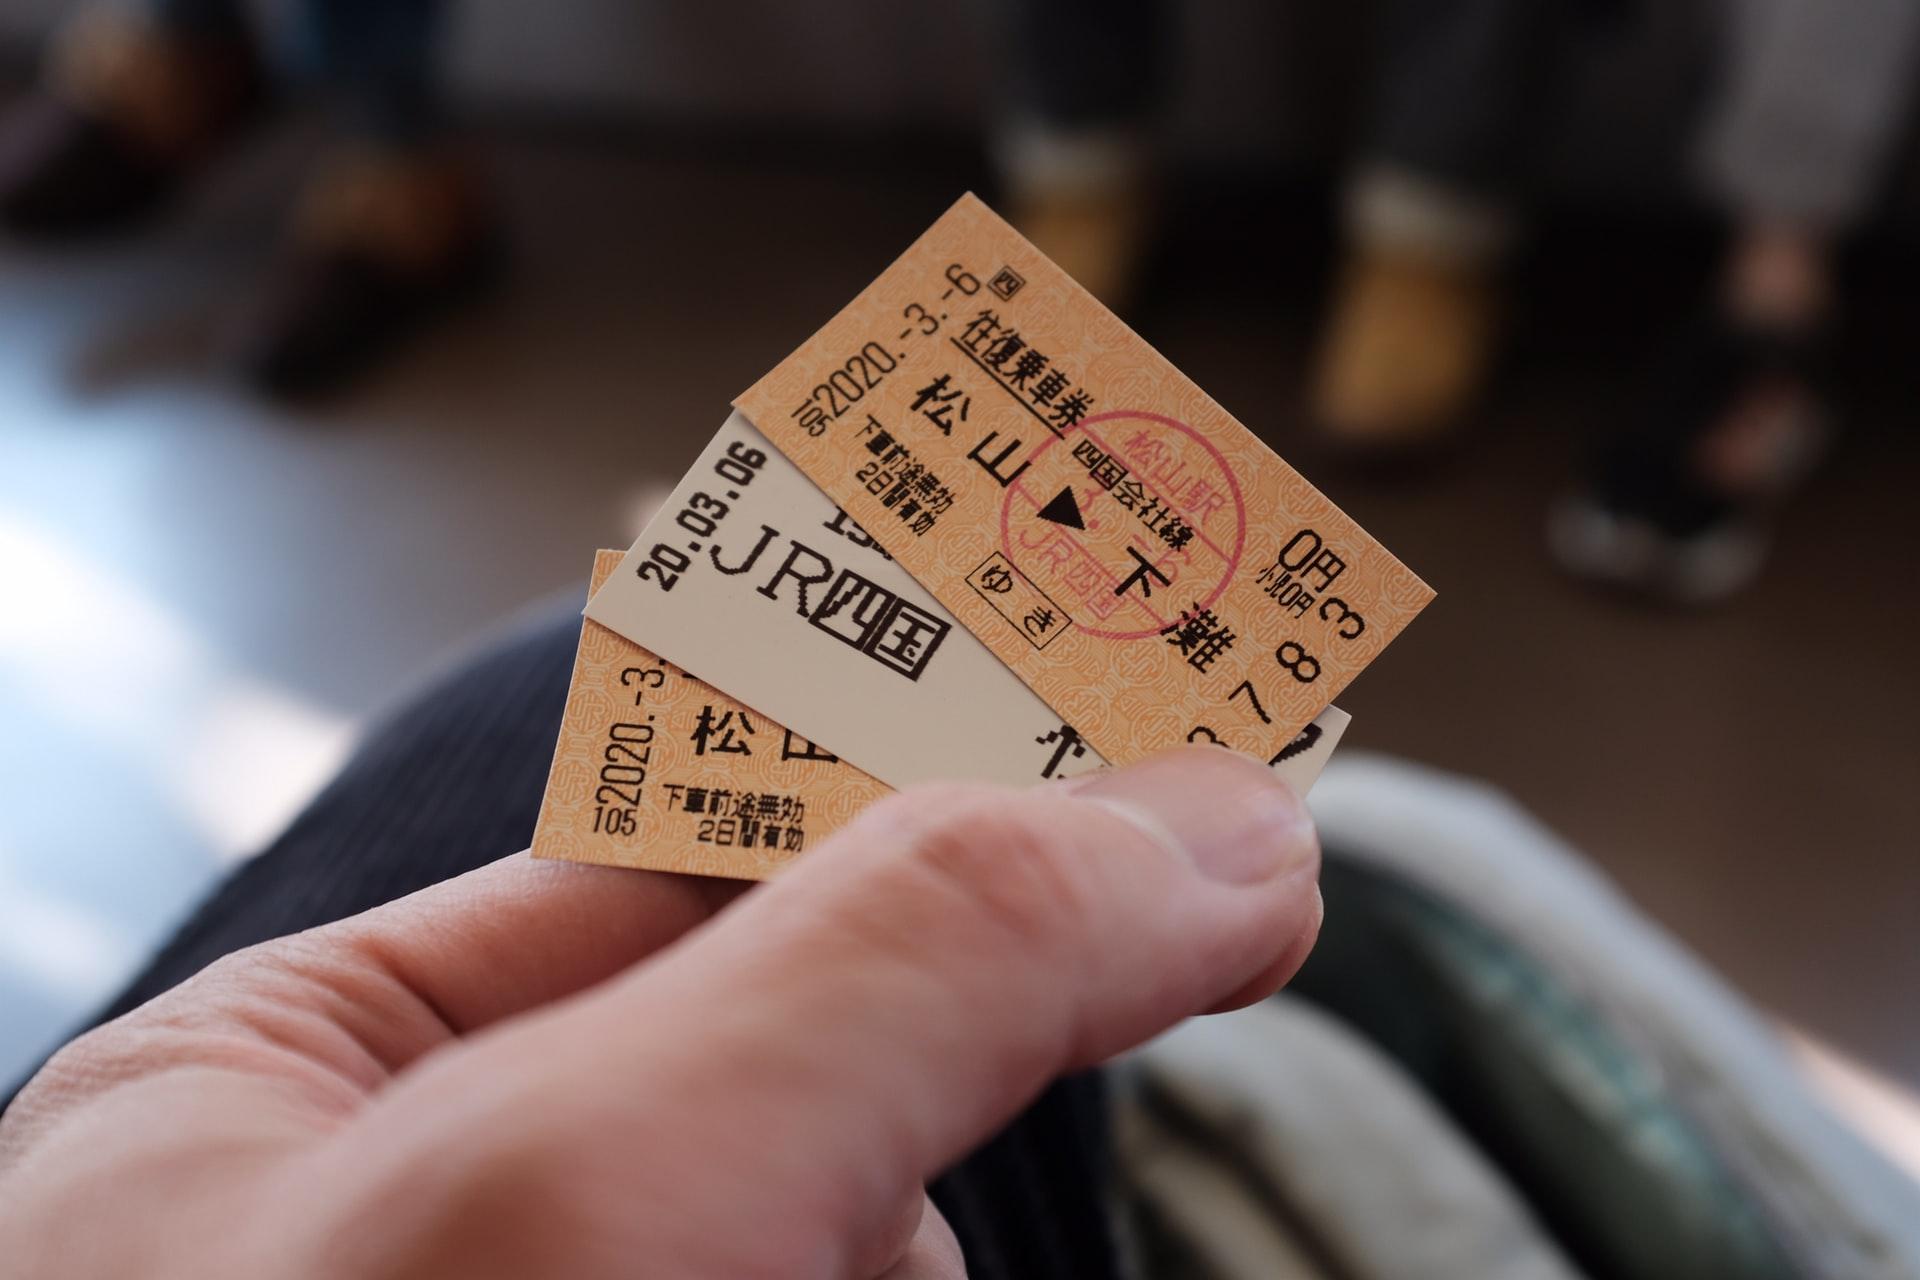 分割 乗車 プログラム 券 乗車券分割プログラム